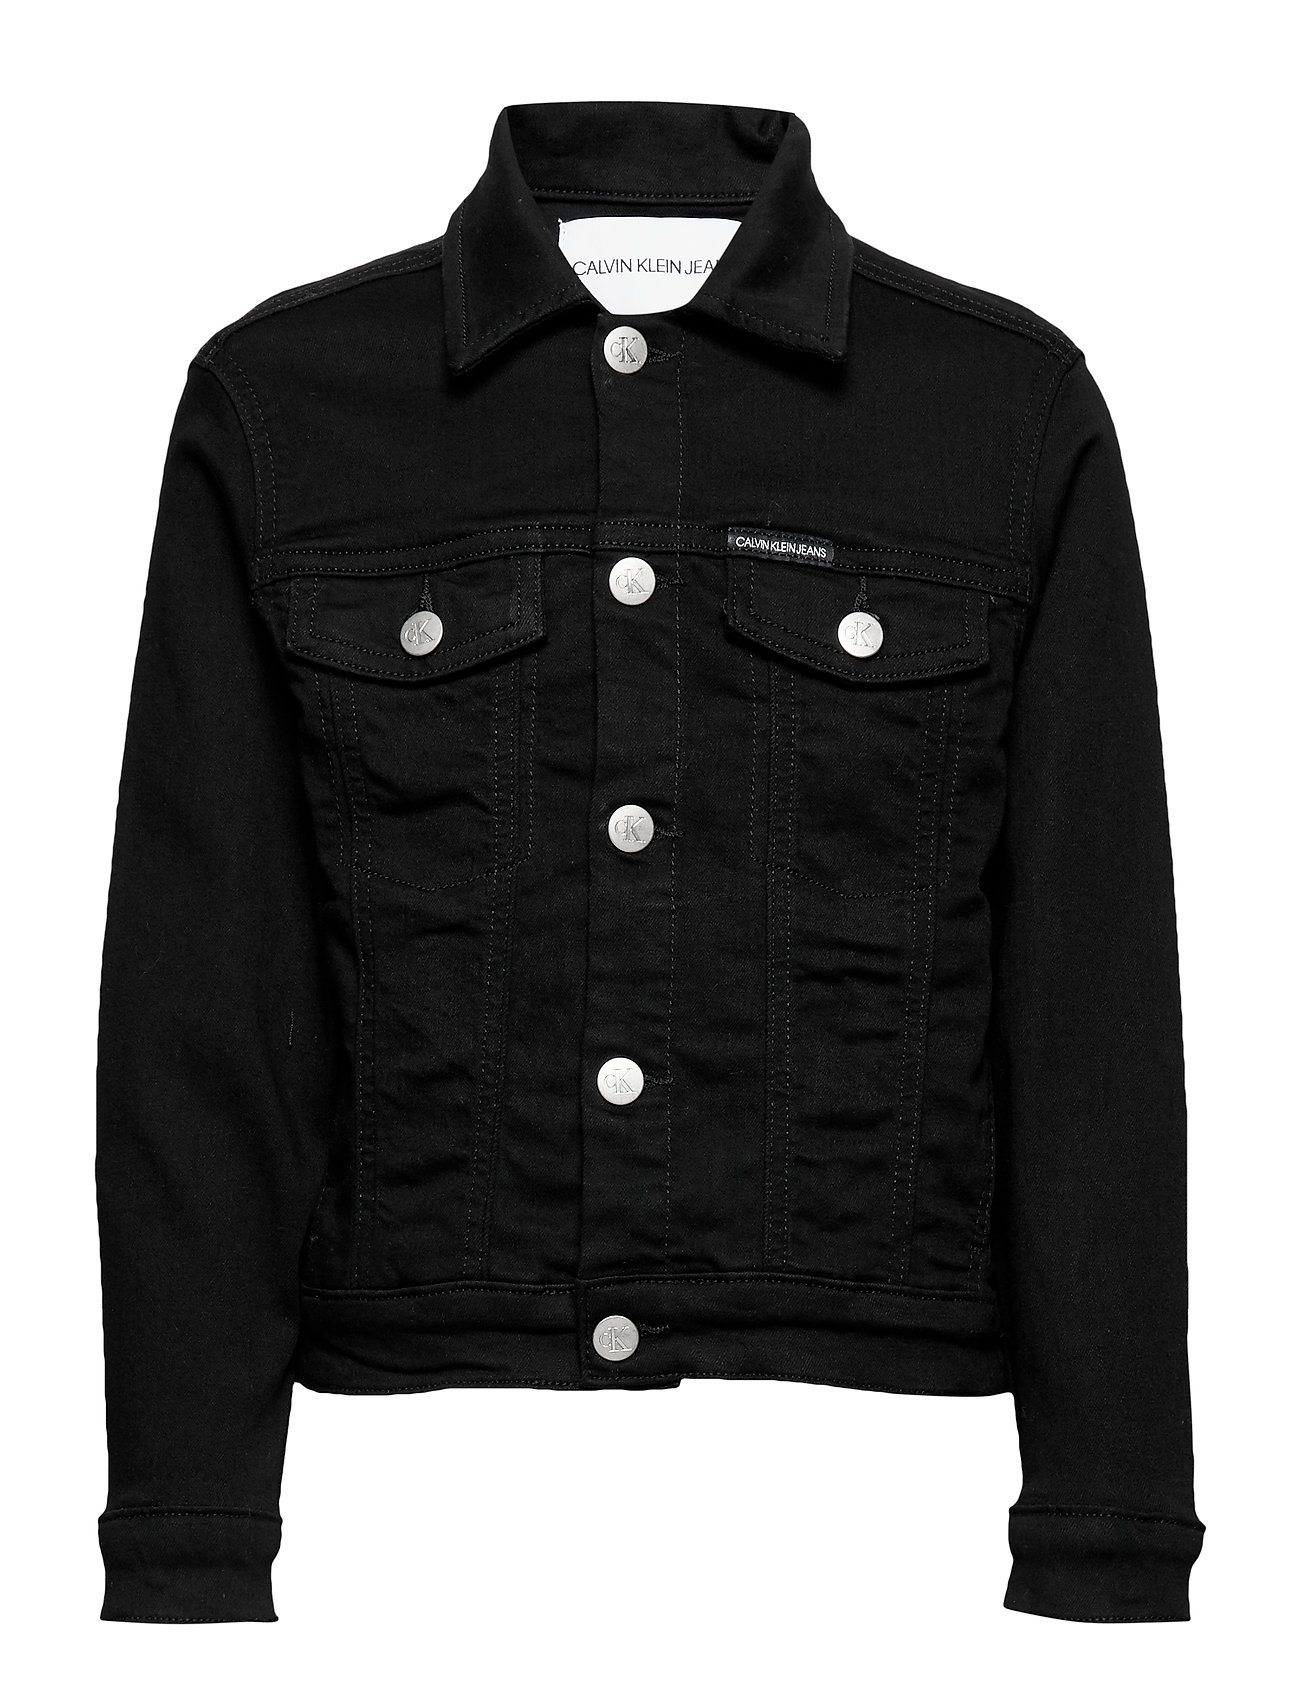 Calvin Klein UNISEX TRUCKER SUST BLACK STR - SUST BLACK STRETCH